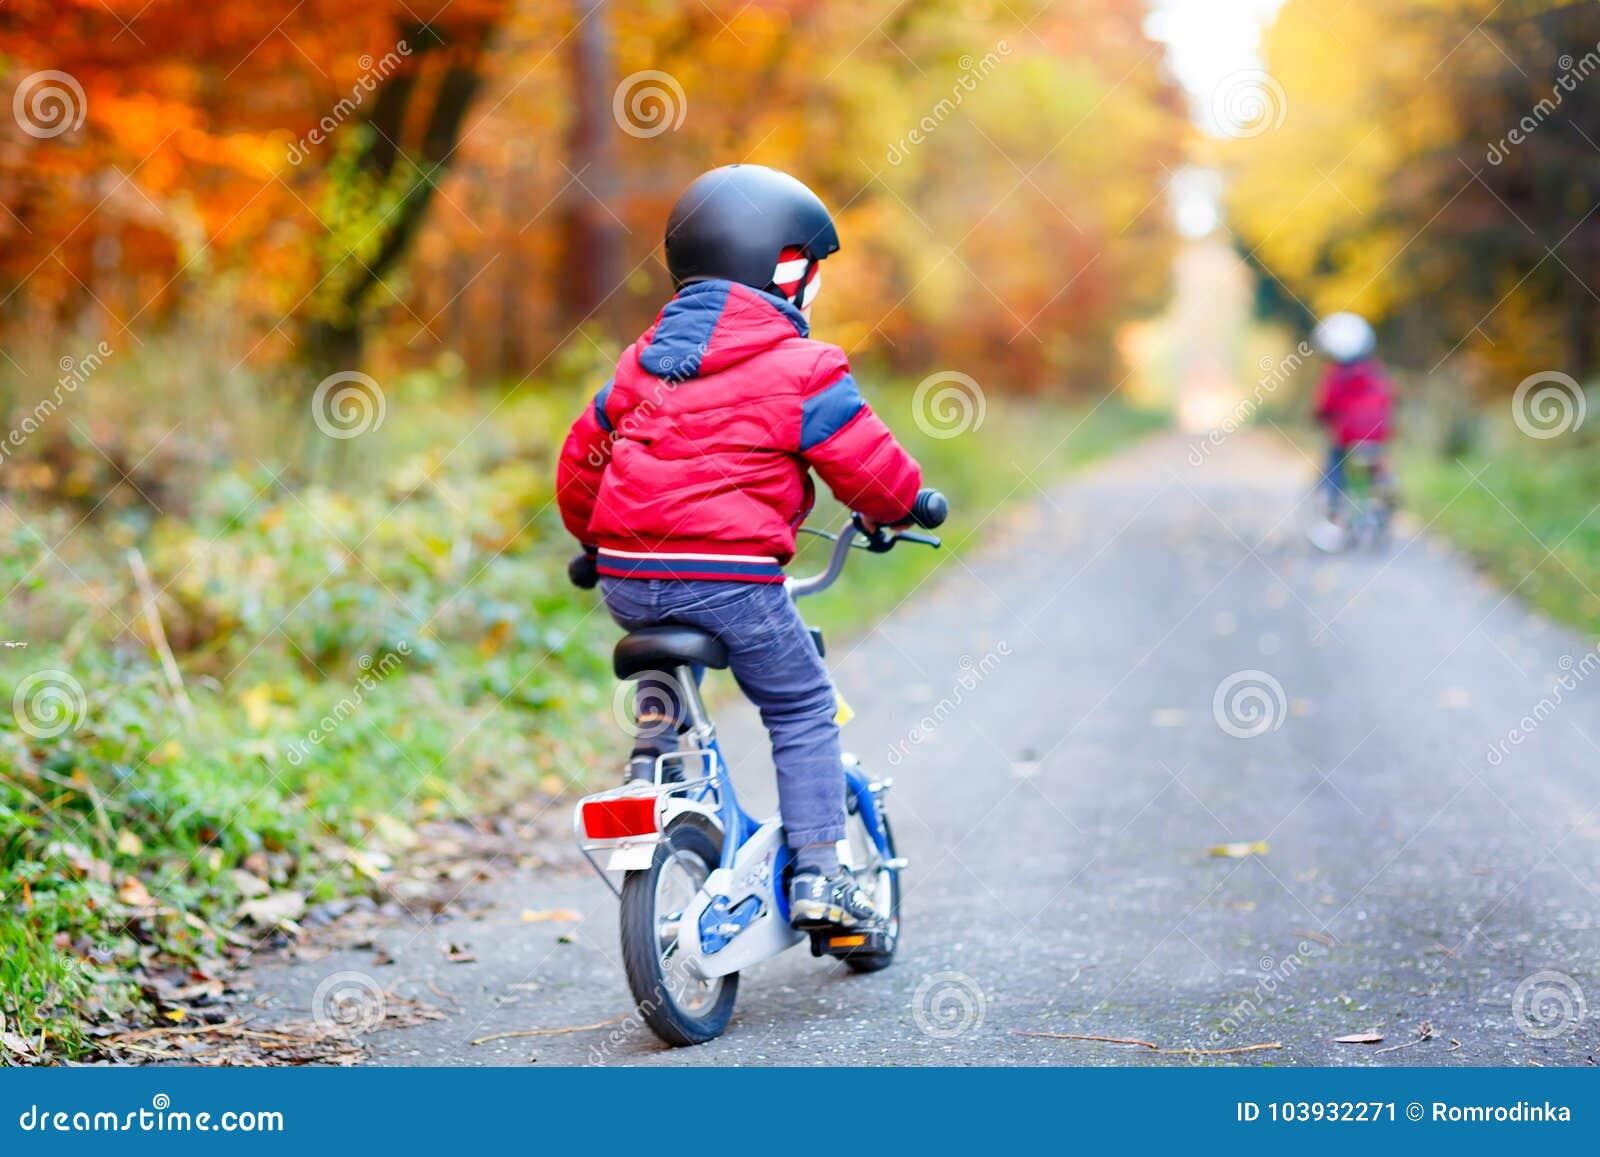 Zwei Kleinkindjungen, die mit Fahrrädern im Herbst Forest Park in der bunten Kleidung radfahren